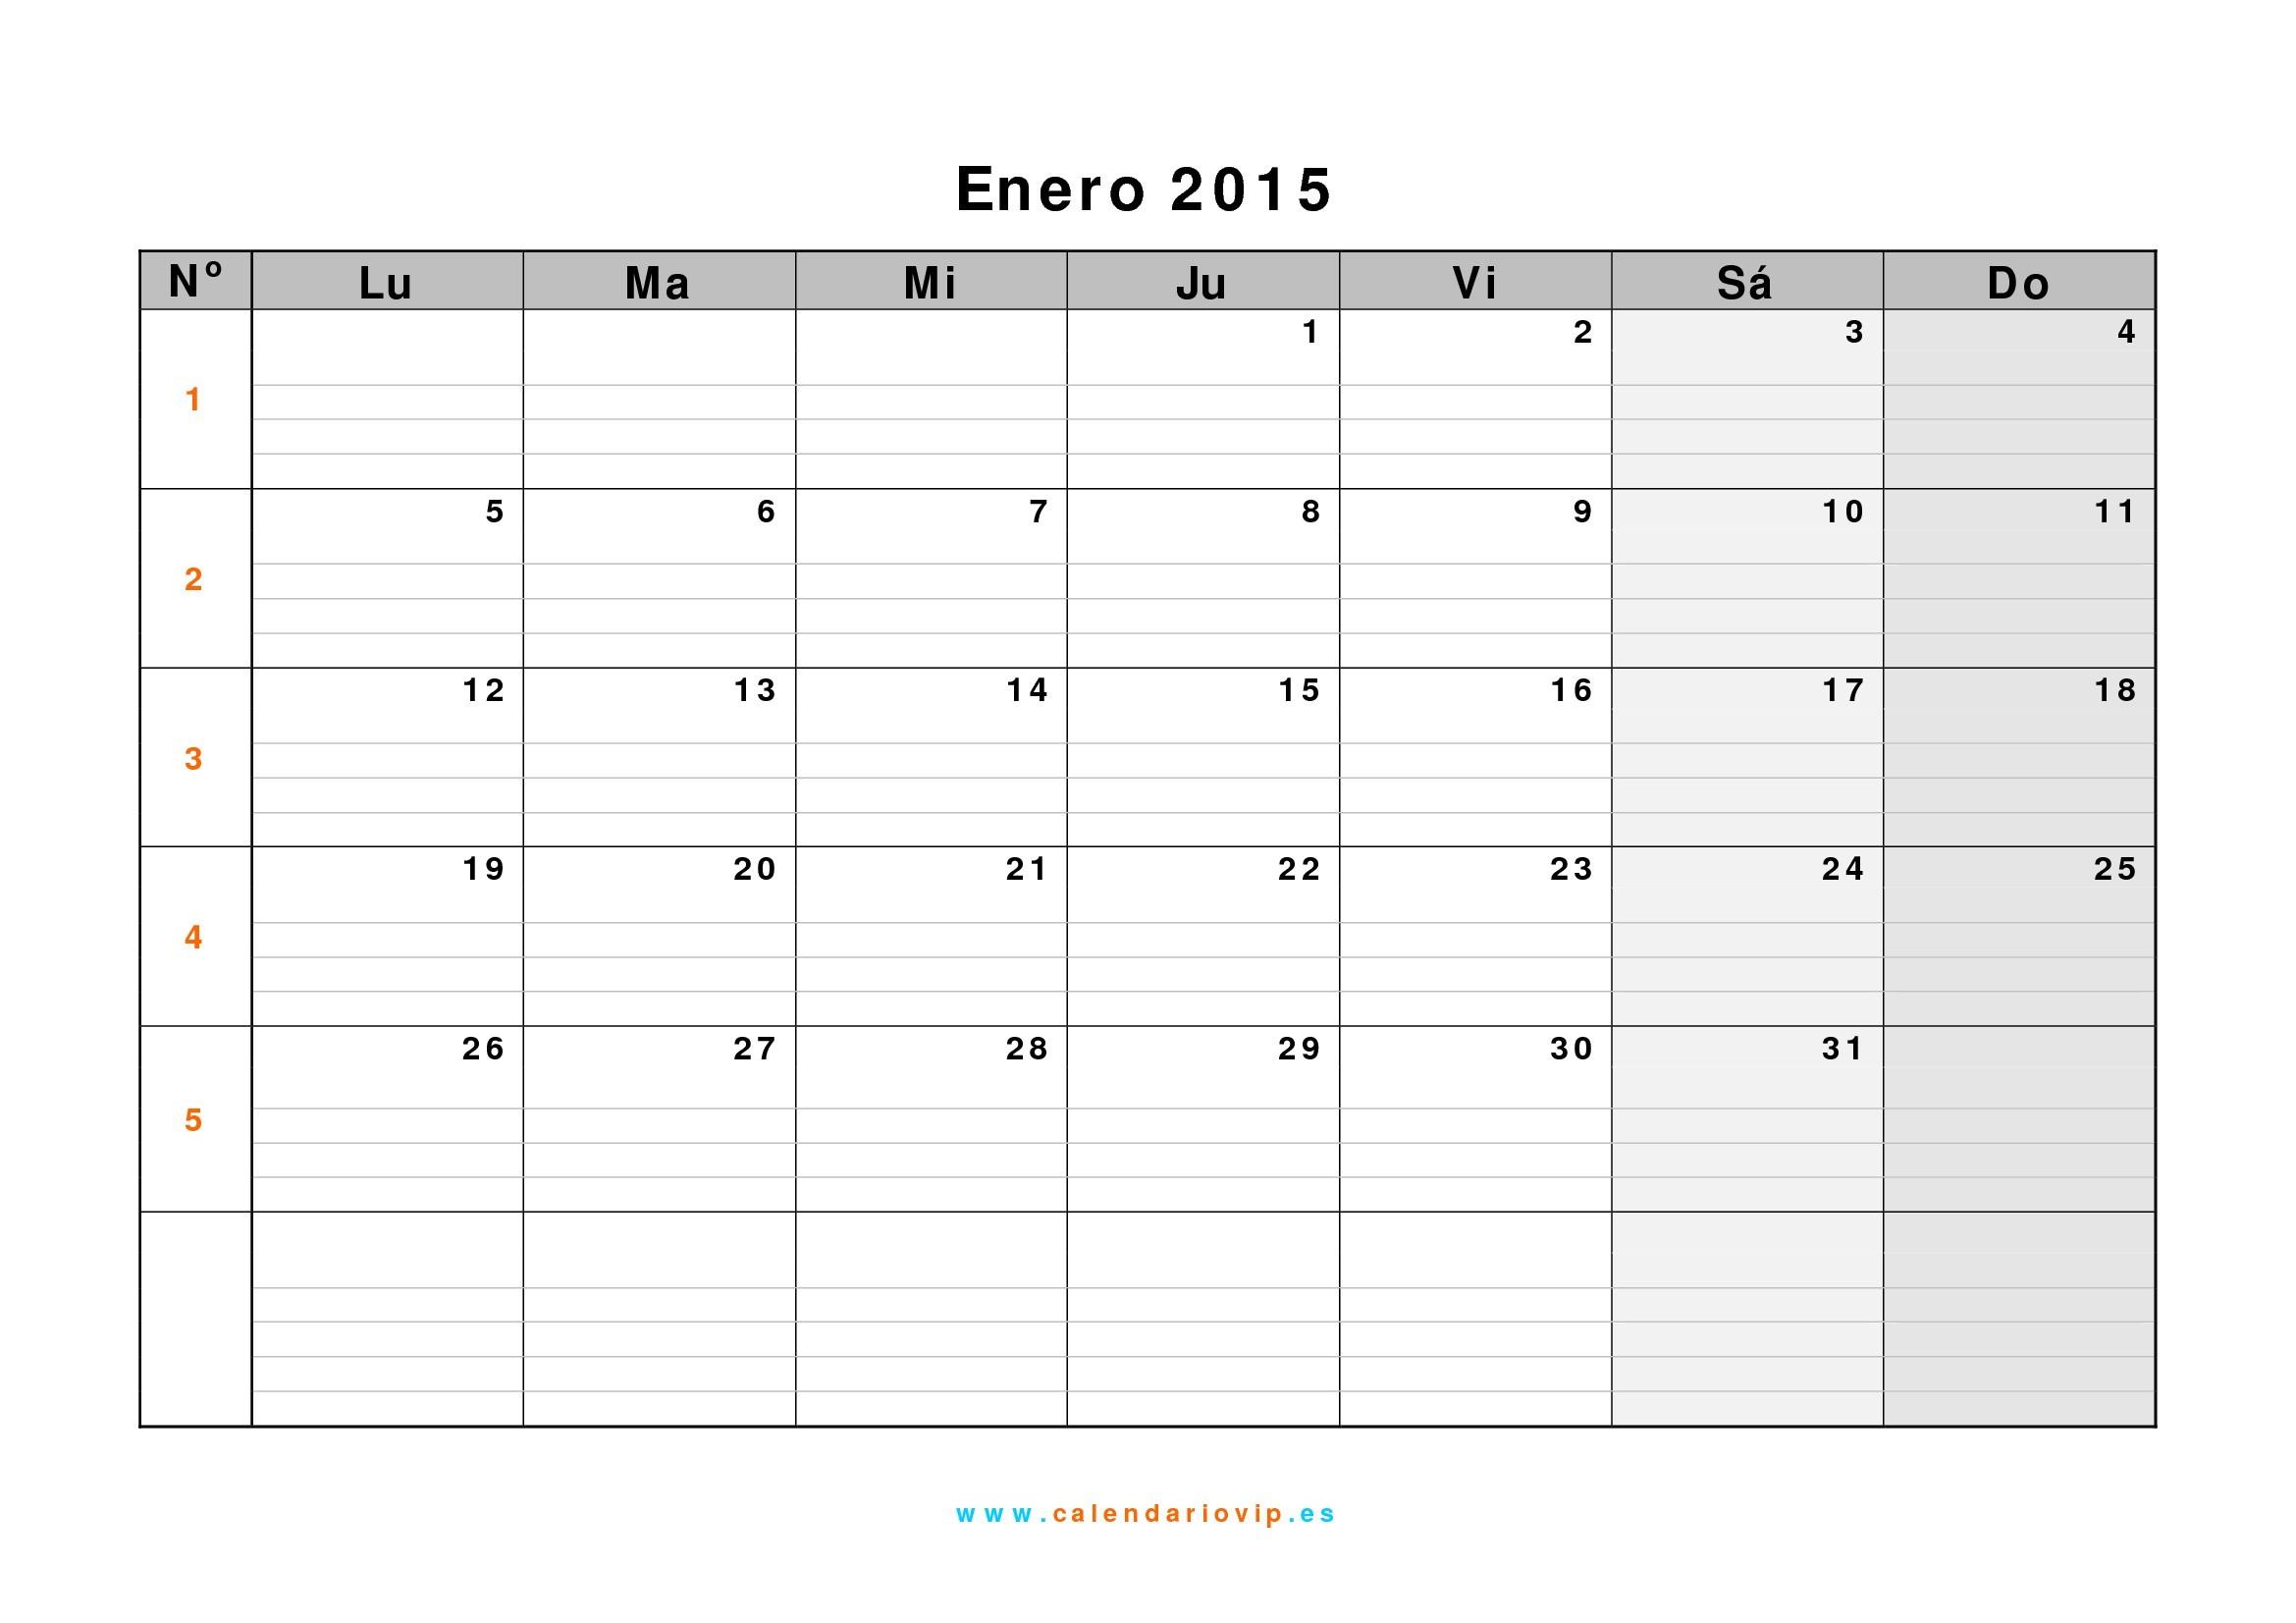 calendario planeador 2019 colombia para imprimir mas recientes calendario 2016 excel calendario mensual 2015 excel calendario of calendario planeador 2019 colombia para imprimir